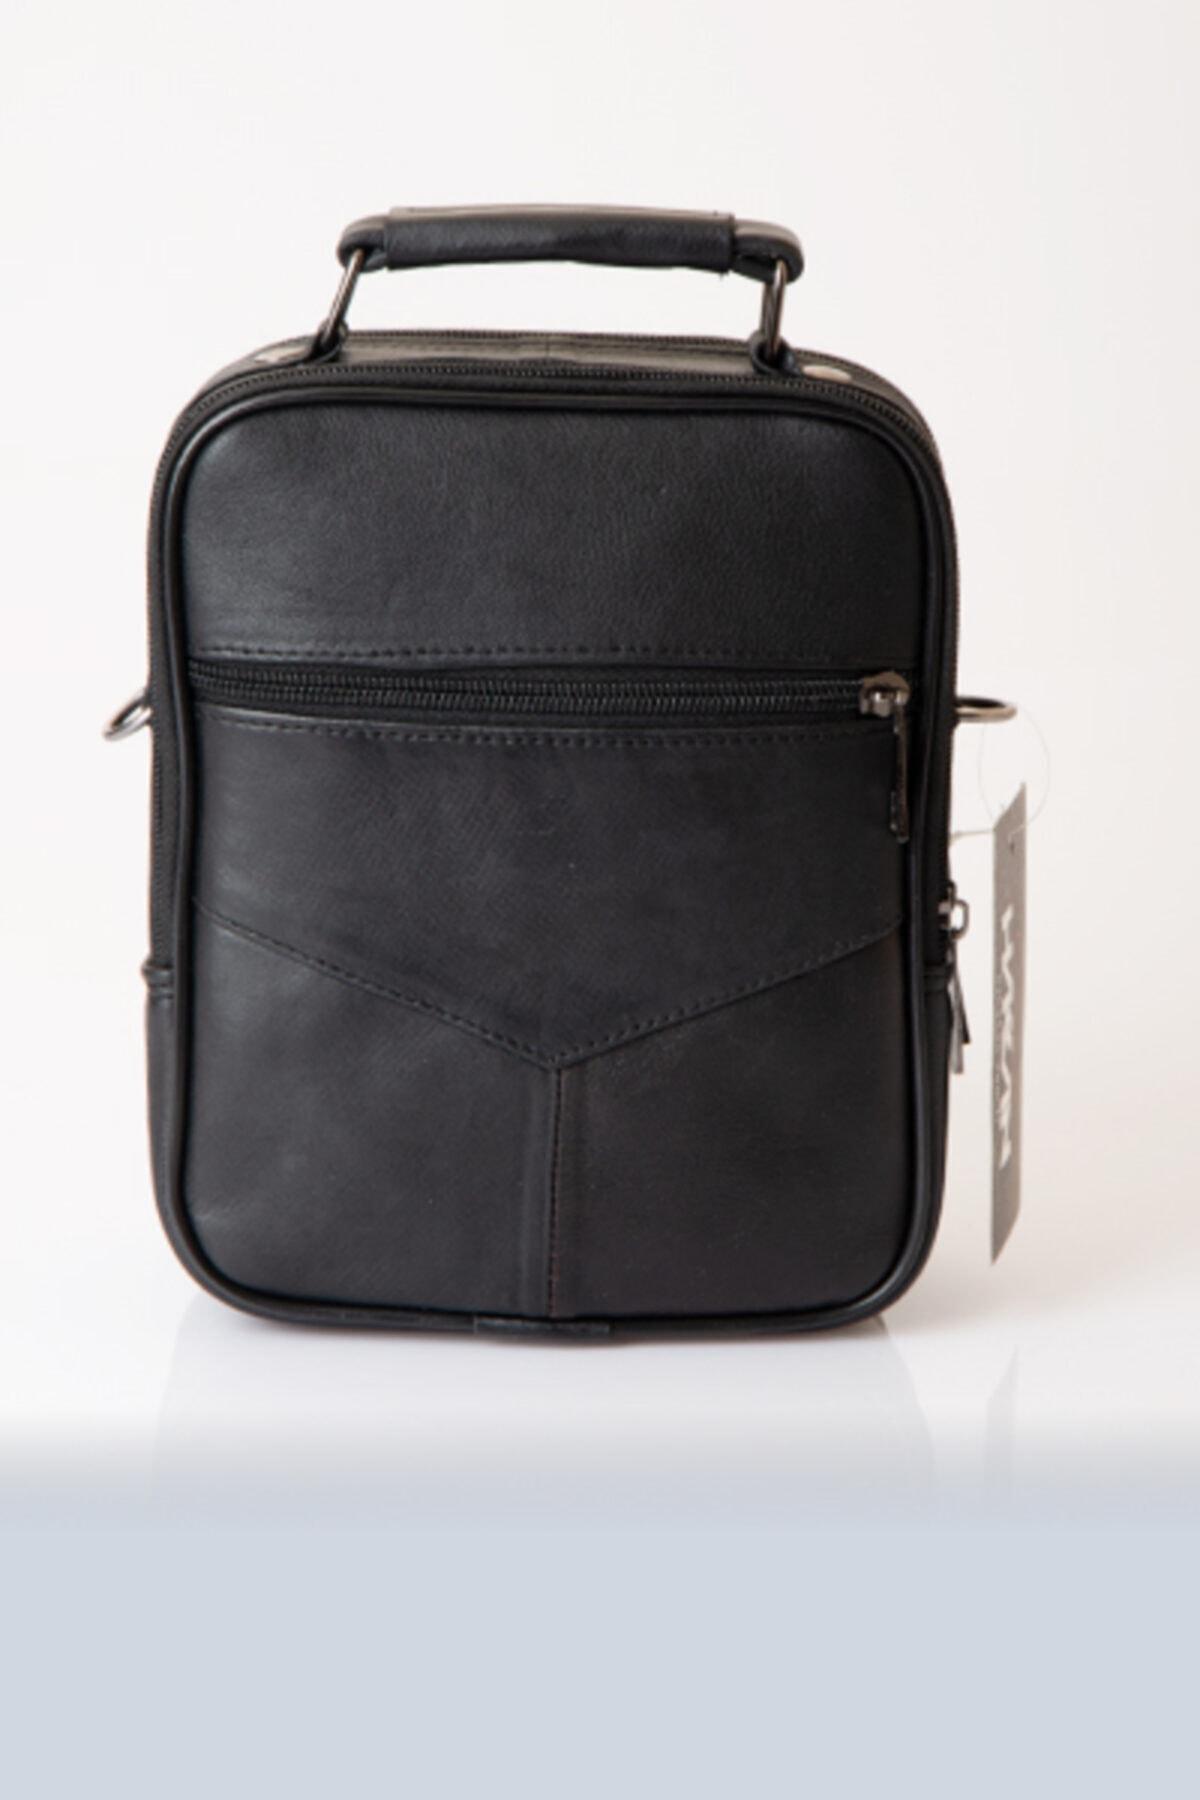 HAKKAN ÇANTA Hakiki Deri Kasalı Erkek El Ve Omuz Askılı Çanta Orta Boy 3009-1 Siyah